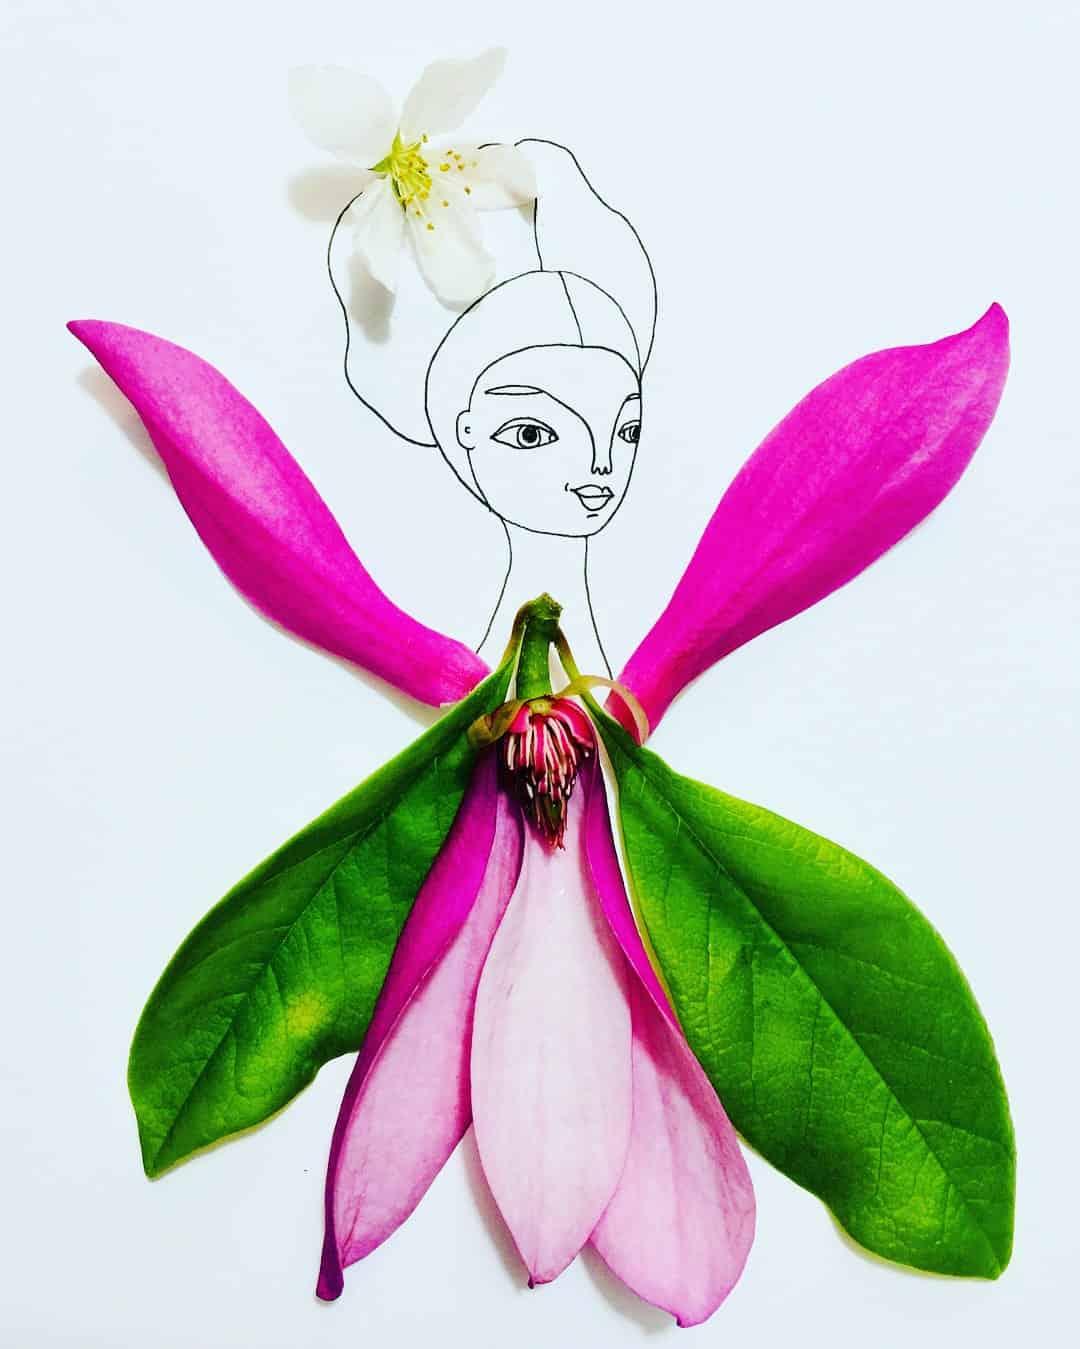 melissa flesher flower drawing 2